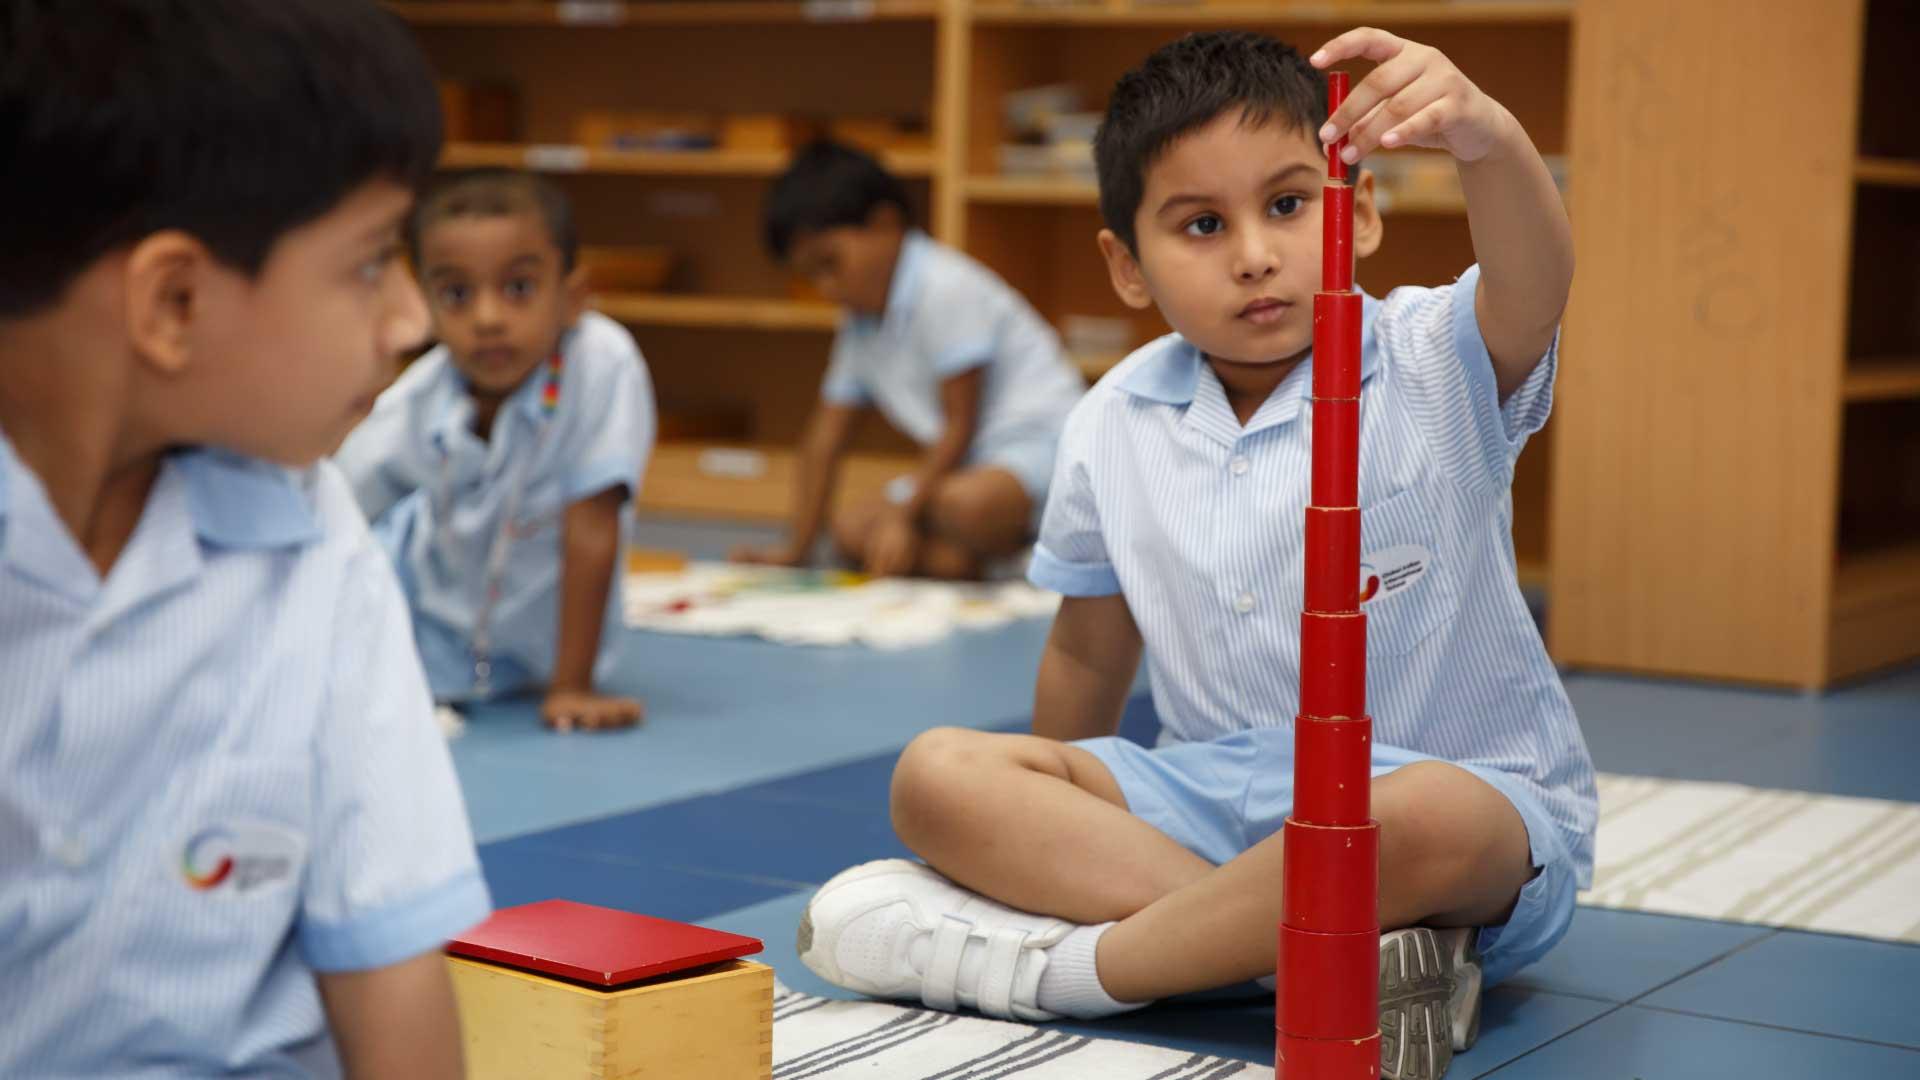 子供の学習活動 - 付加価値プログラム